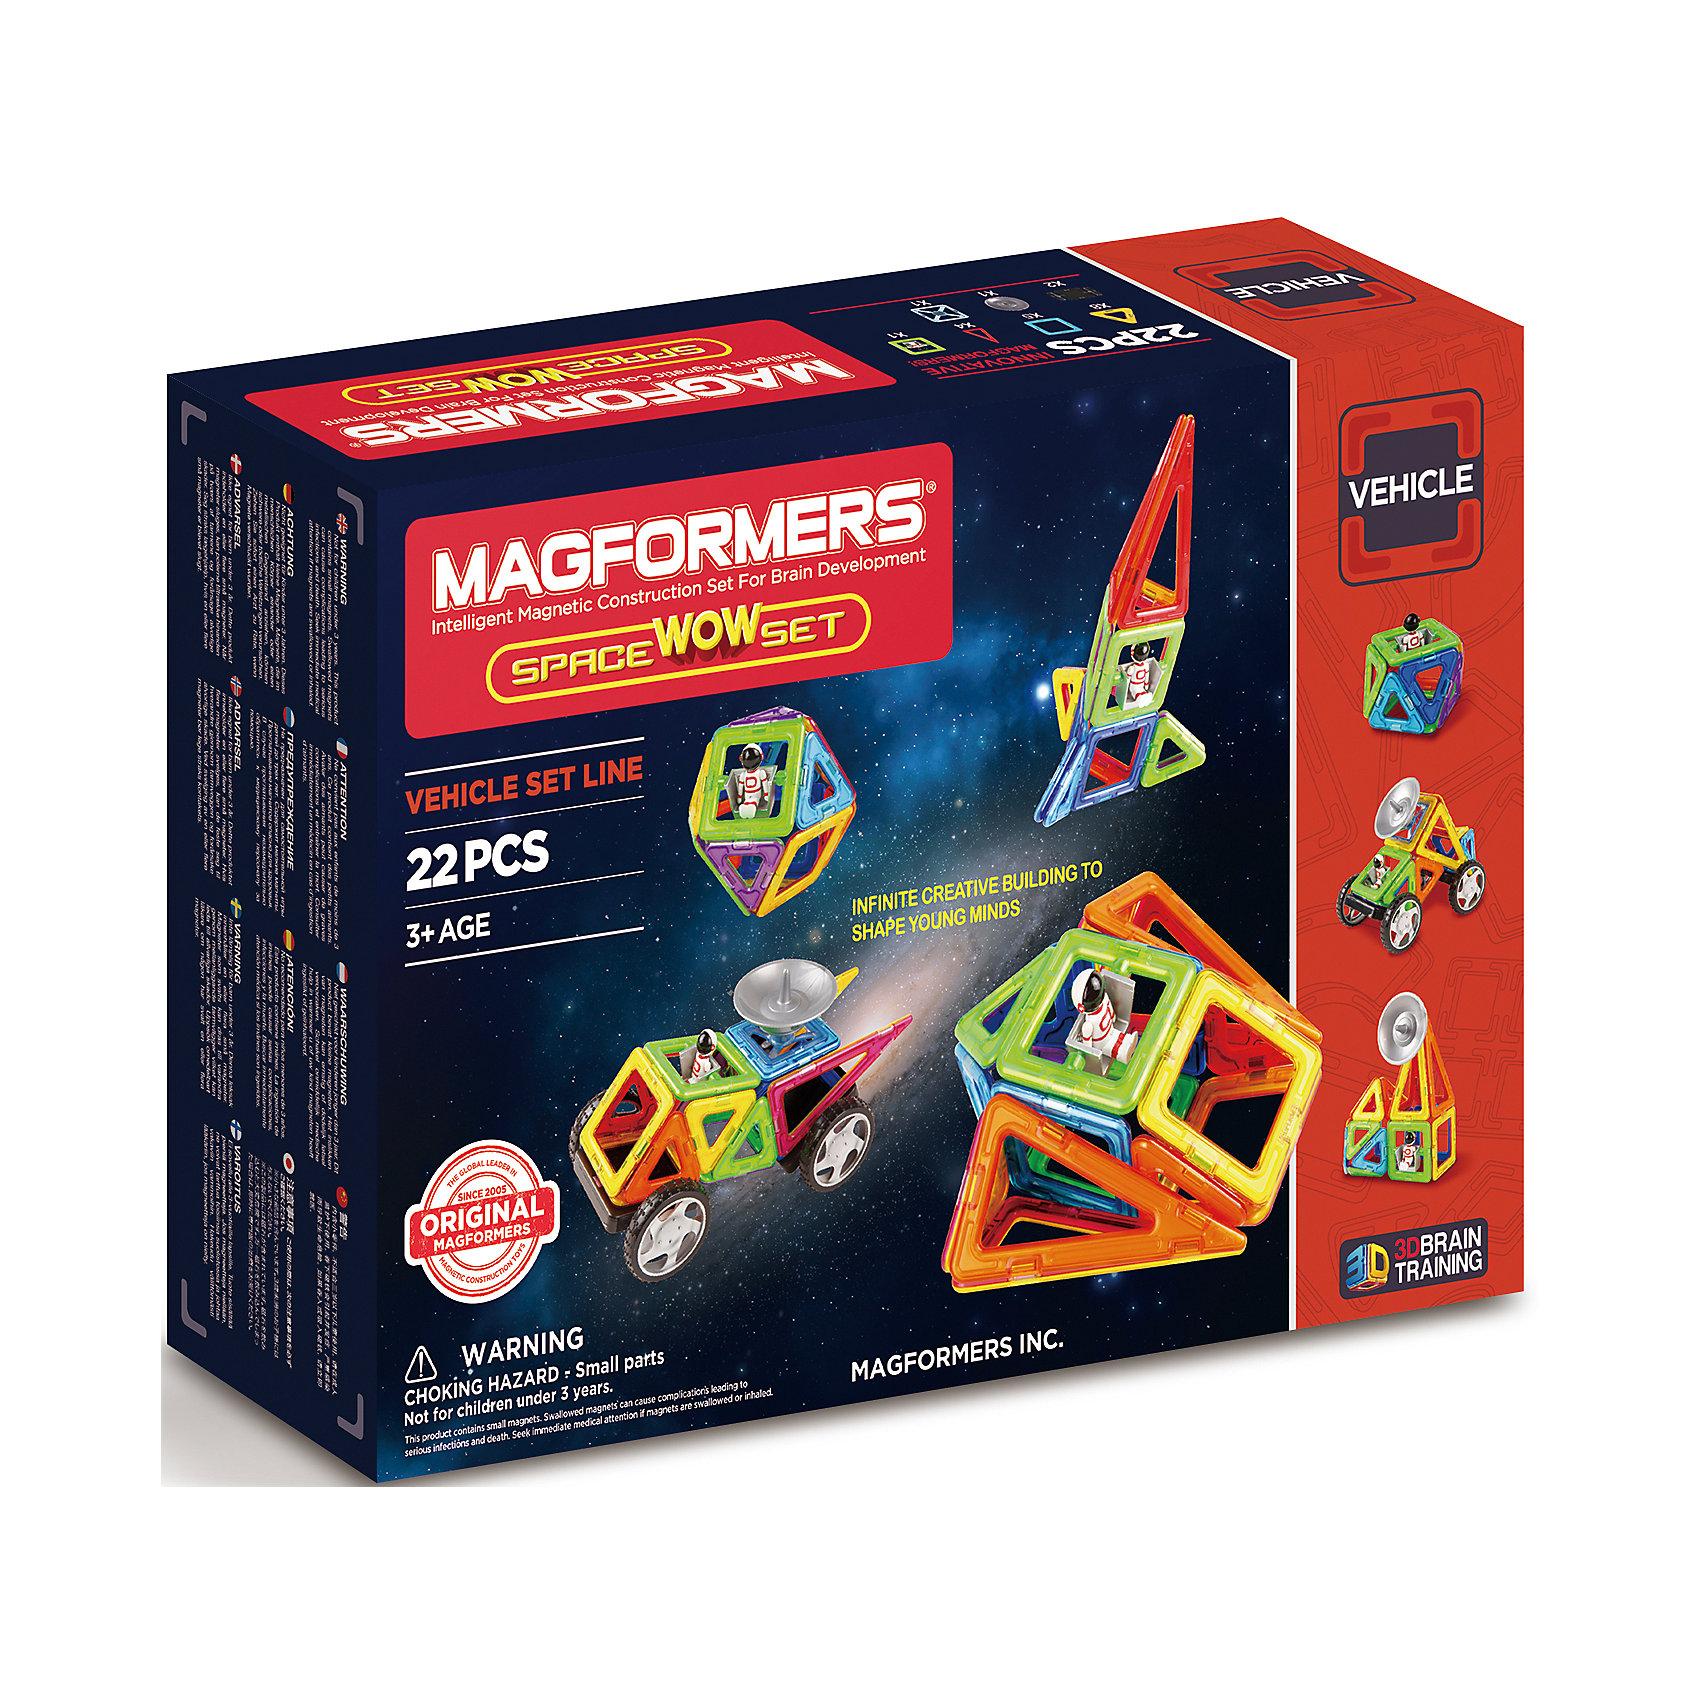 MAGFORMERS Магнитный конструктор Space Wow, MAGFORMERS магнитный конструктор magformers space treveller set 35 элементов 703007